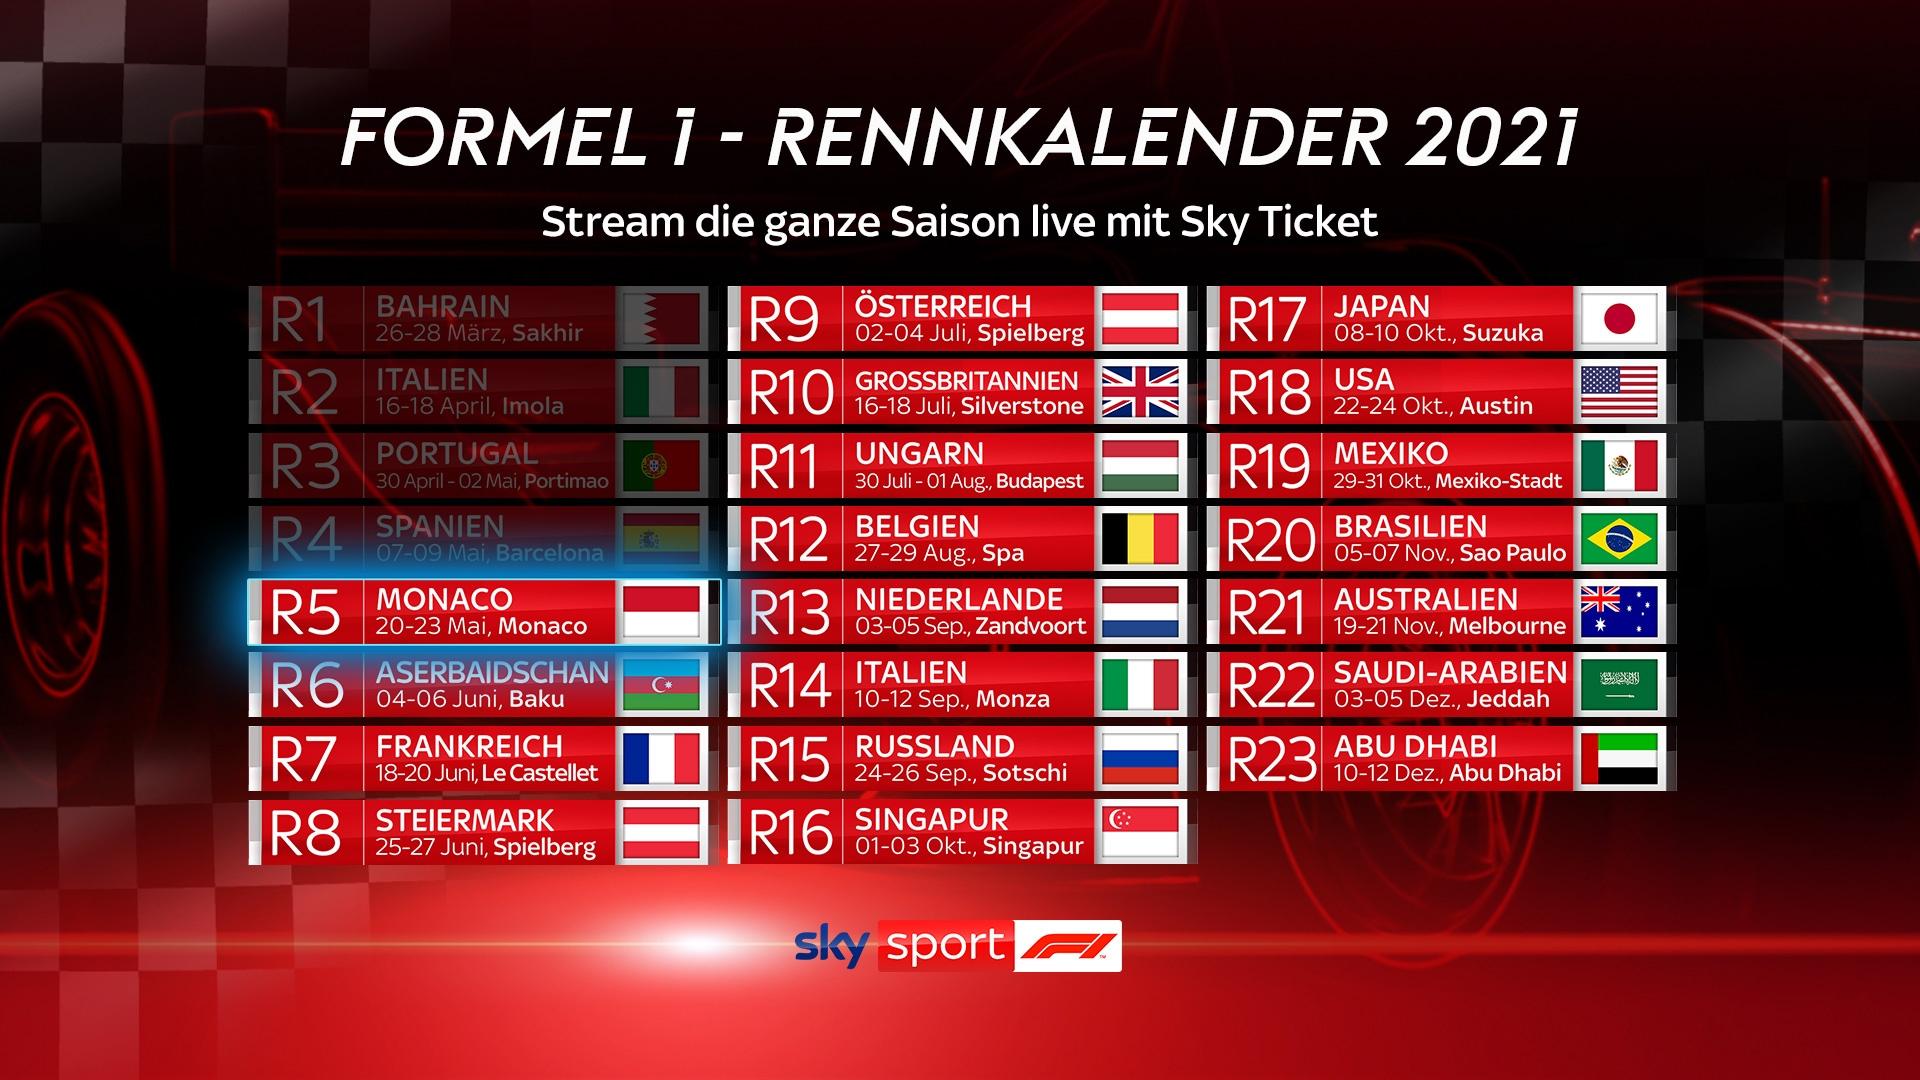 Formel 1 Rennkalender 2021